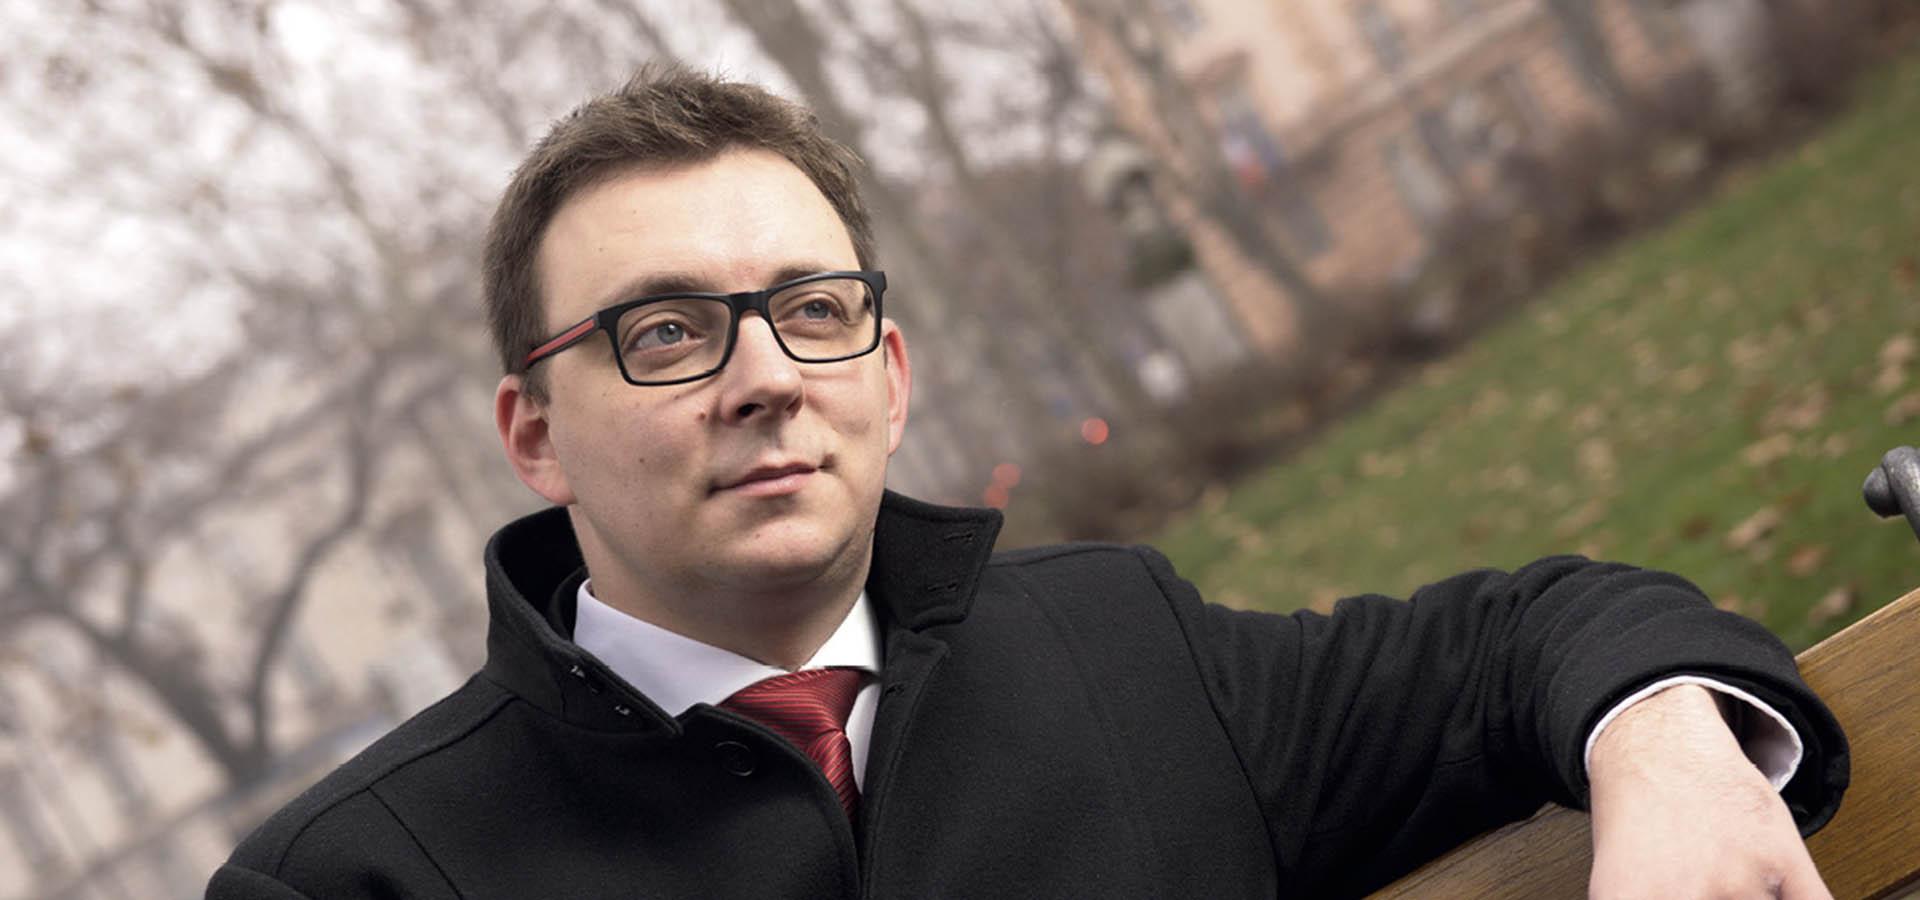 INTERVJU Bojan Glavašević: 'ZBOG TENE MIŠETIĆ upitna je Plenkovićeva objektivnost u slučaju HT-a'